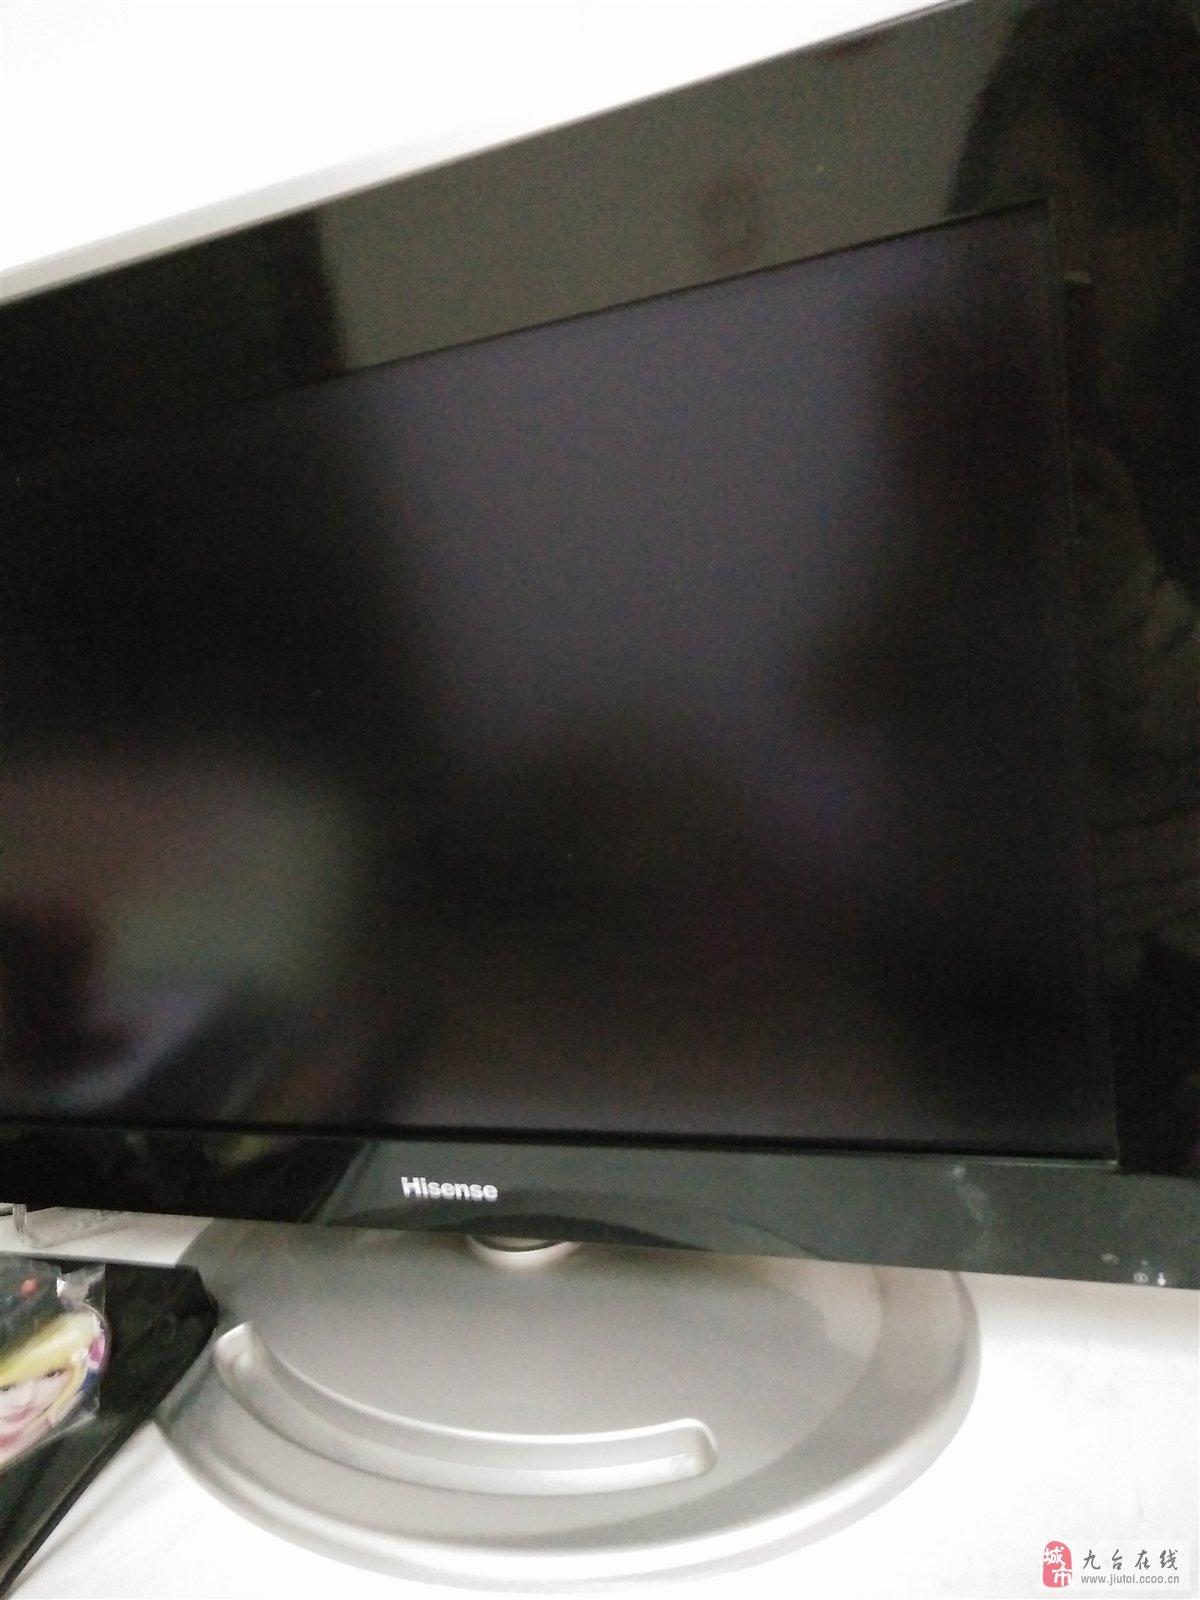 电视机29寸